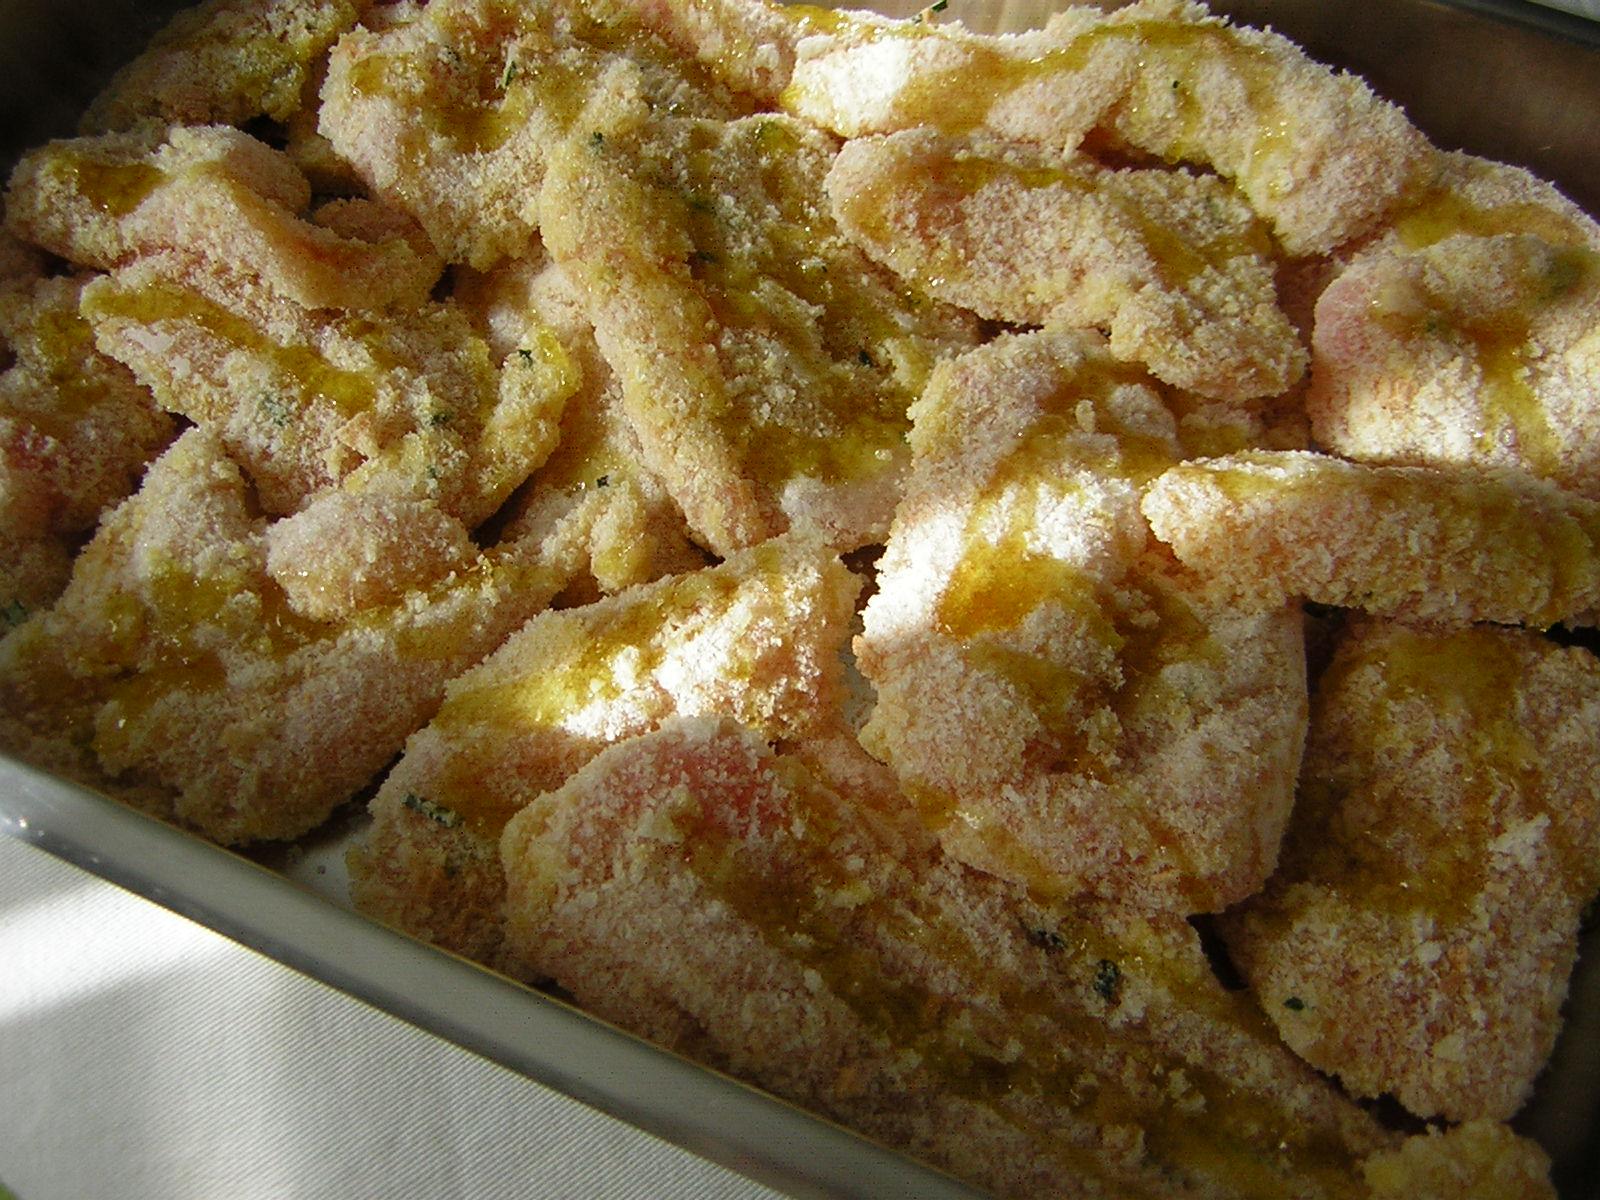 petto di pollo impanato al forno pronto da cuocere